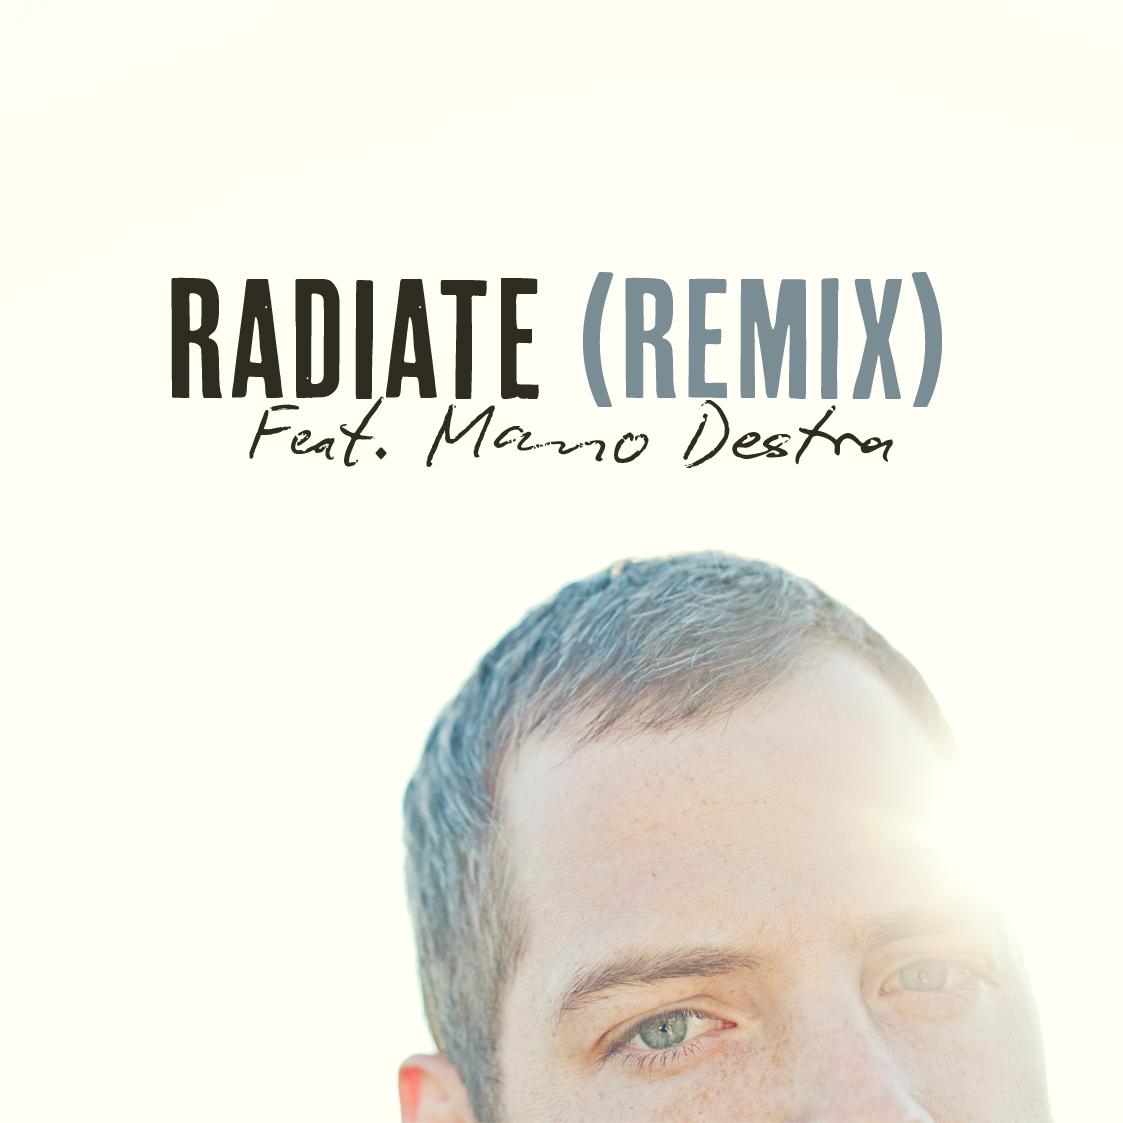 Tyler Stenson & Mano Destra - Radiate (Remix)